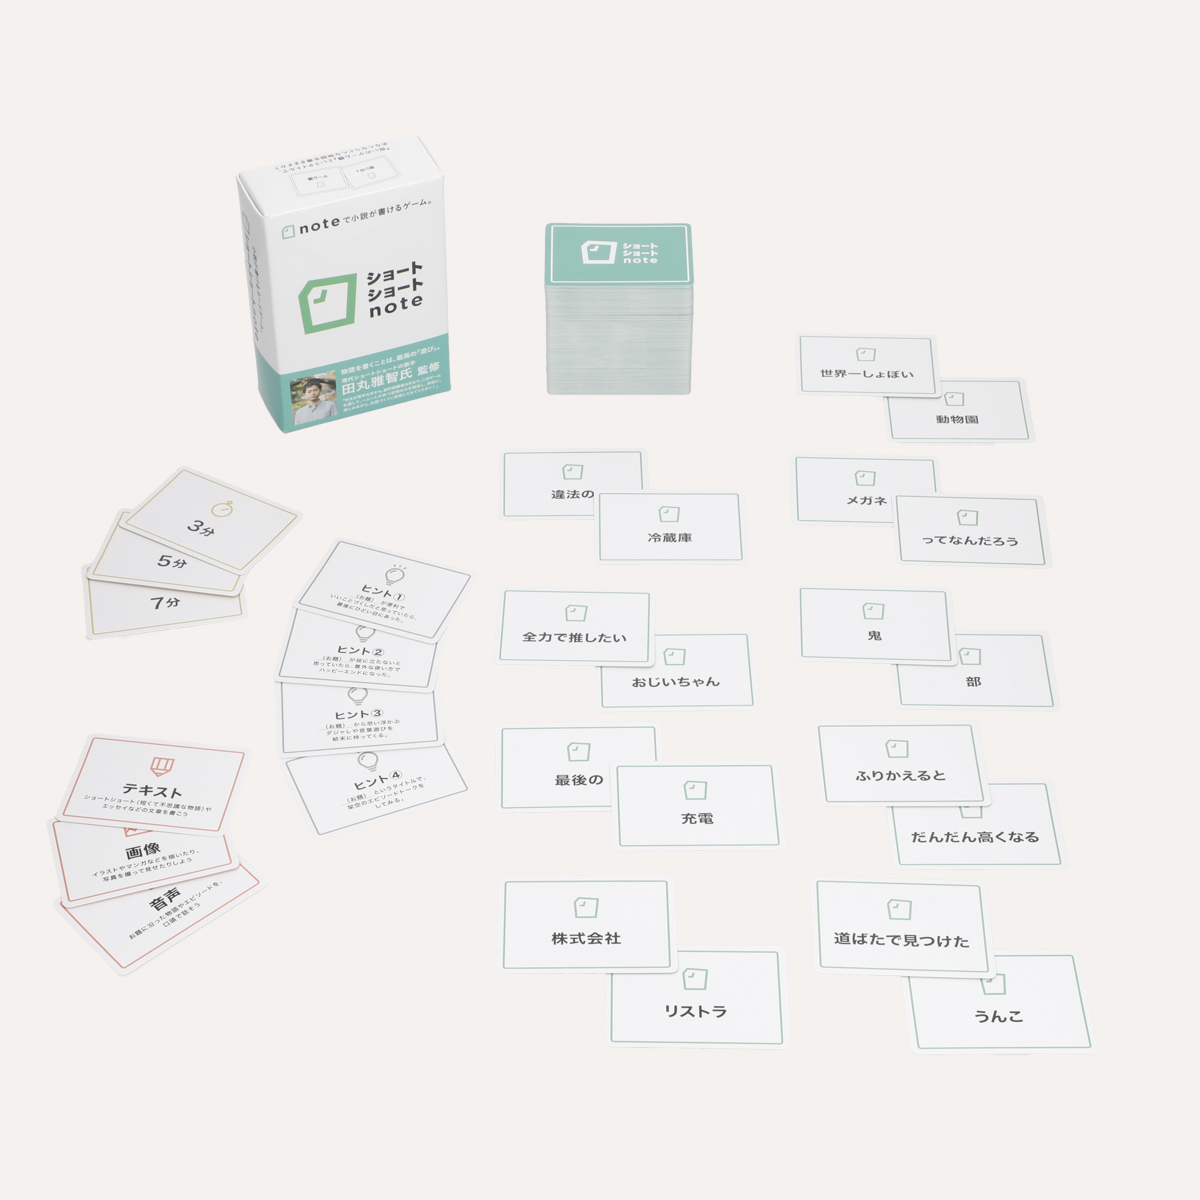 誰でも3分でショートショートが執筆できちゃうカードゲームで未来の作家が爆増!? noteを使って遊ぶゲーム「ショートショートnote」発売開始!